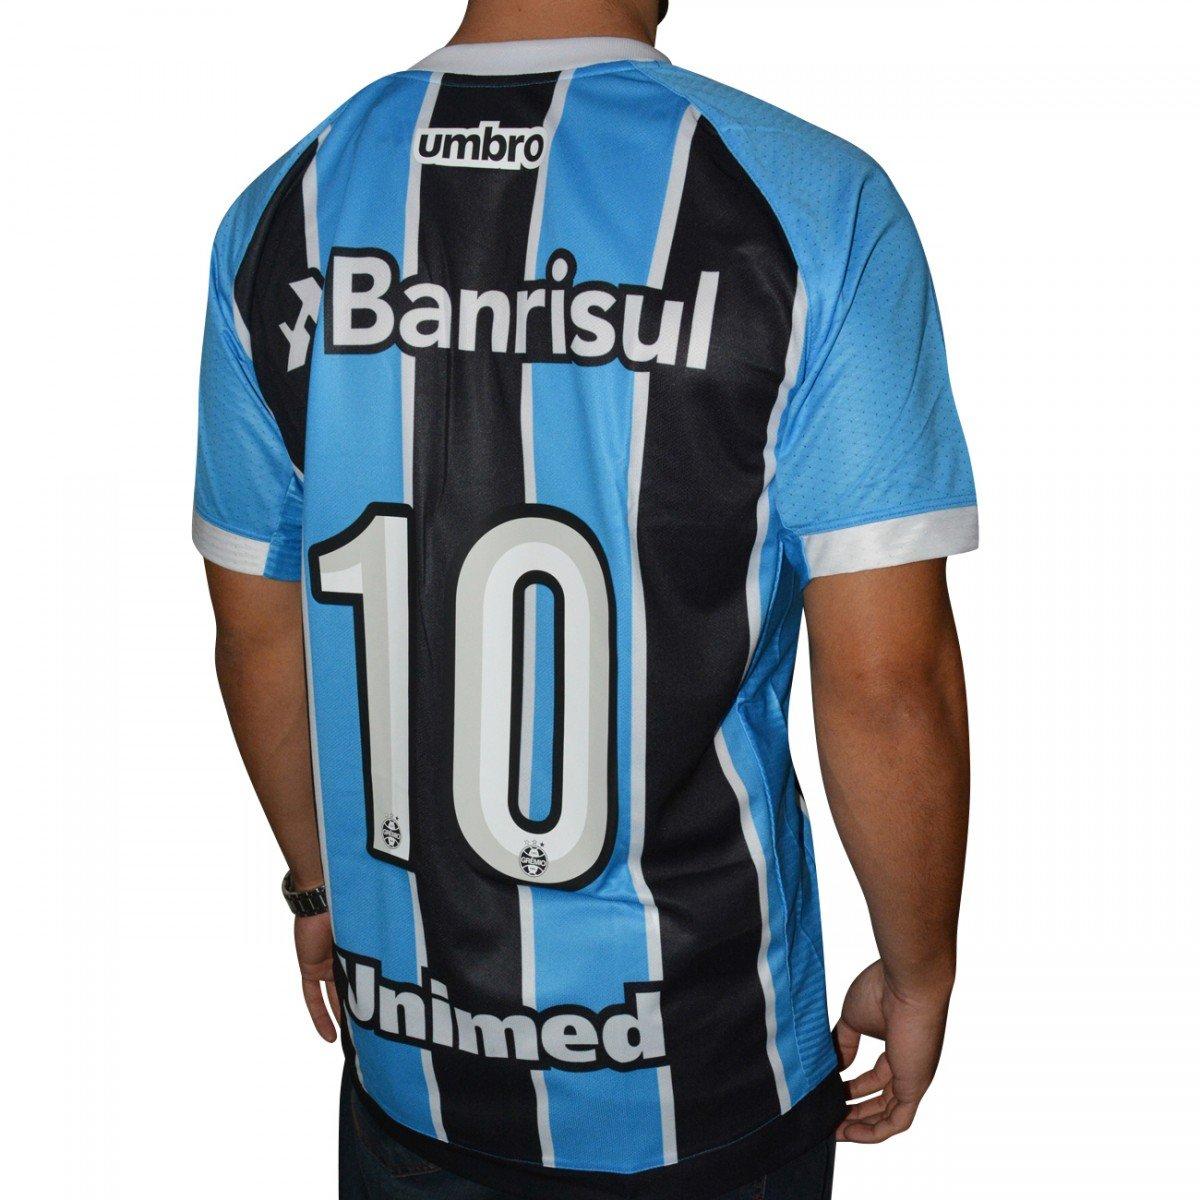 deea6d2453 Camisa Gremio Umbro 2017 - Preto e Azul - Compre Agora